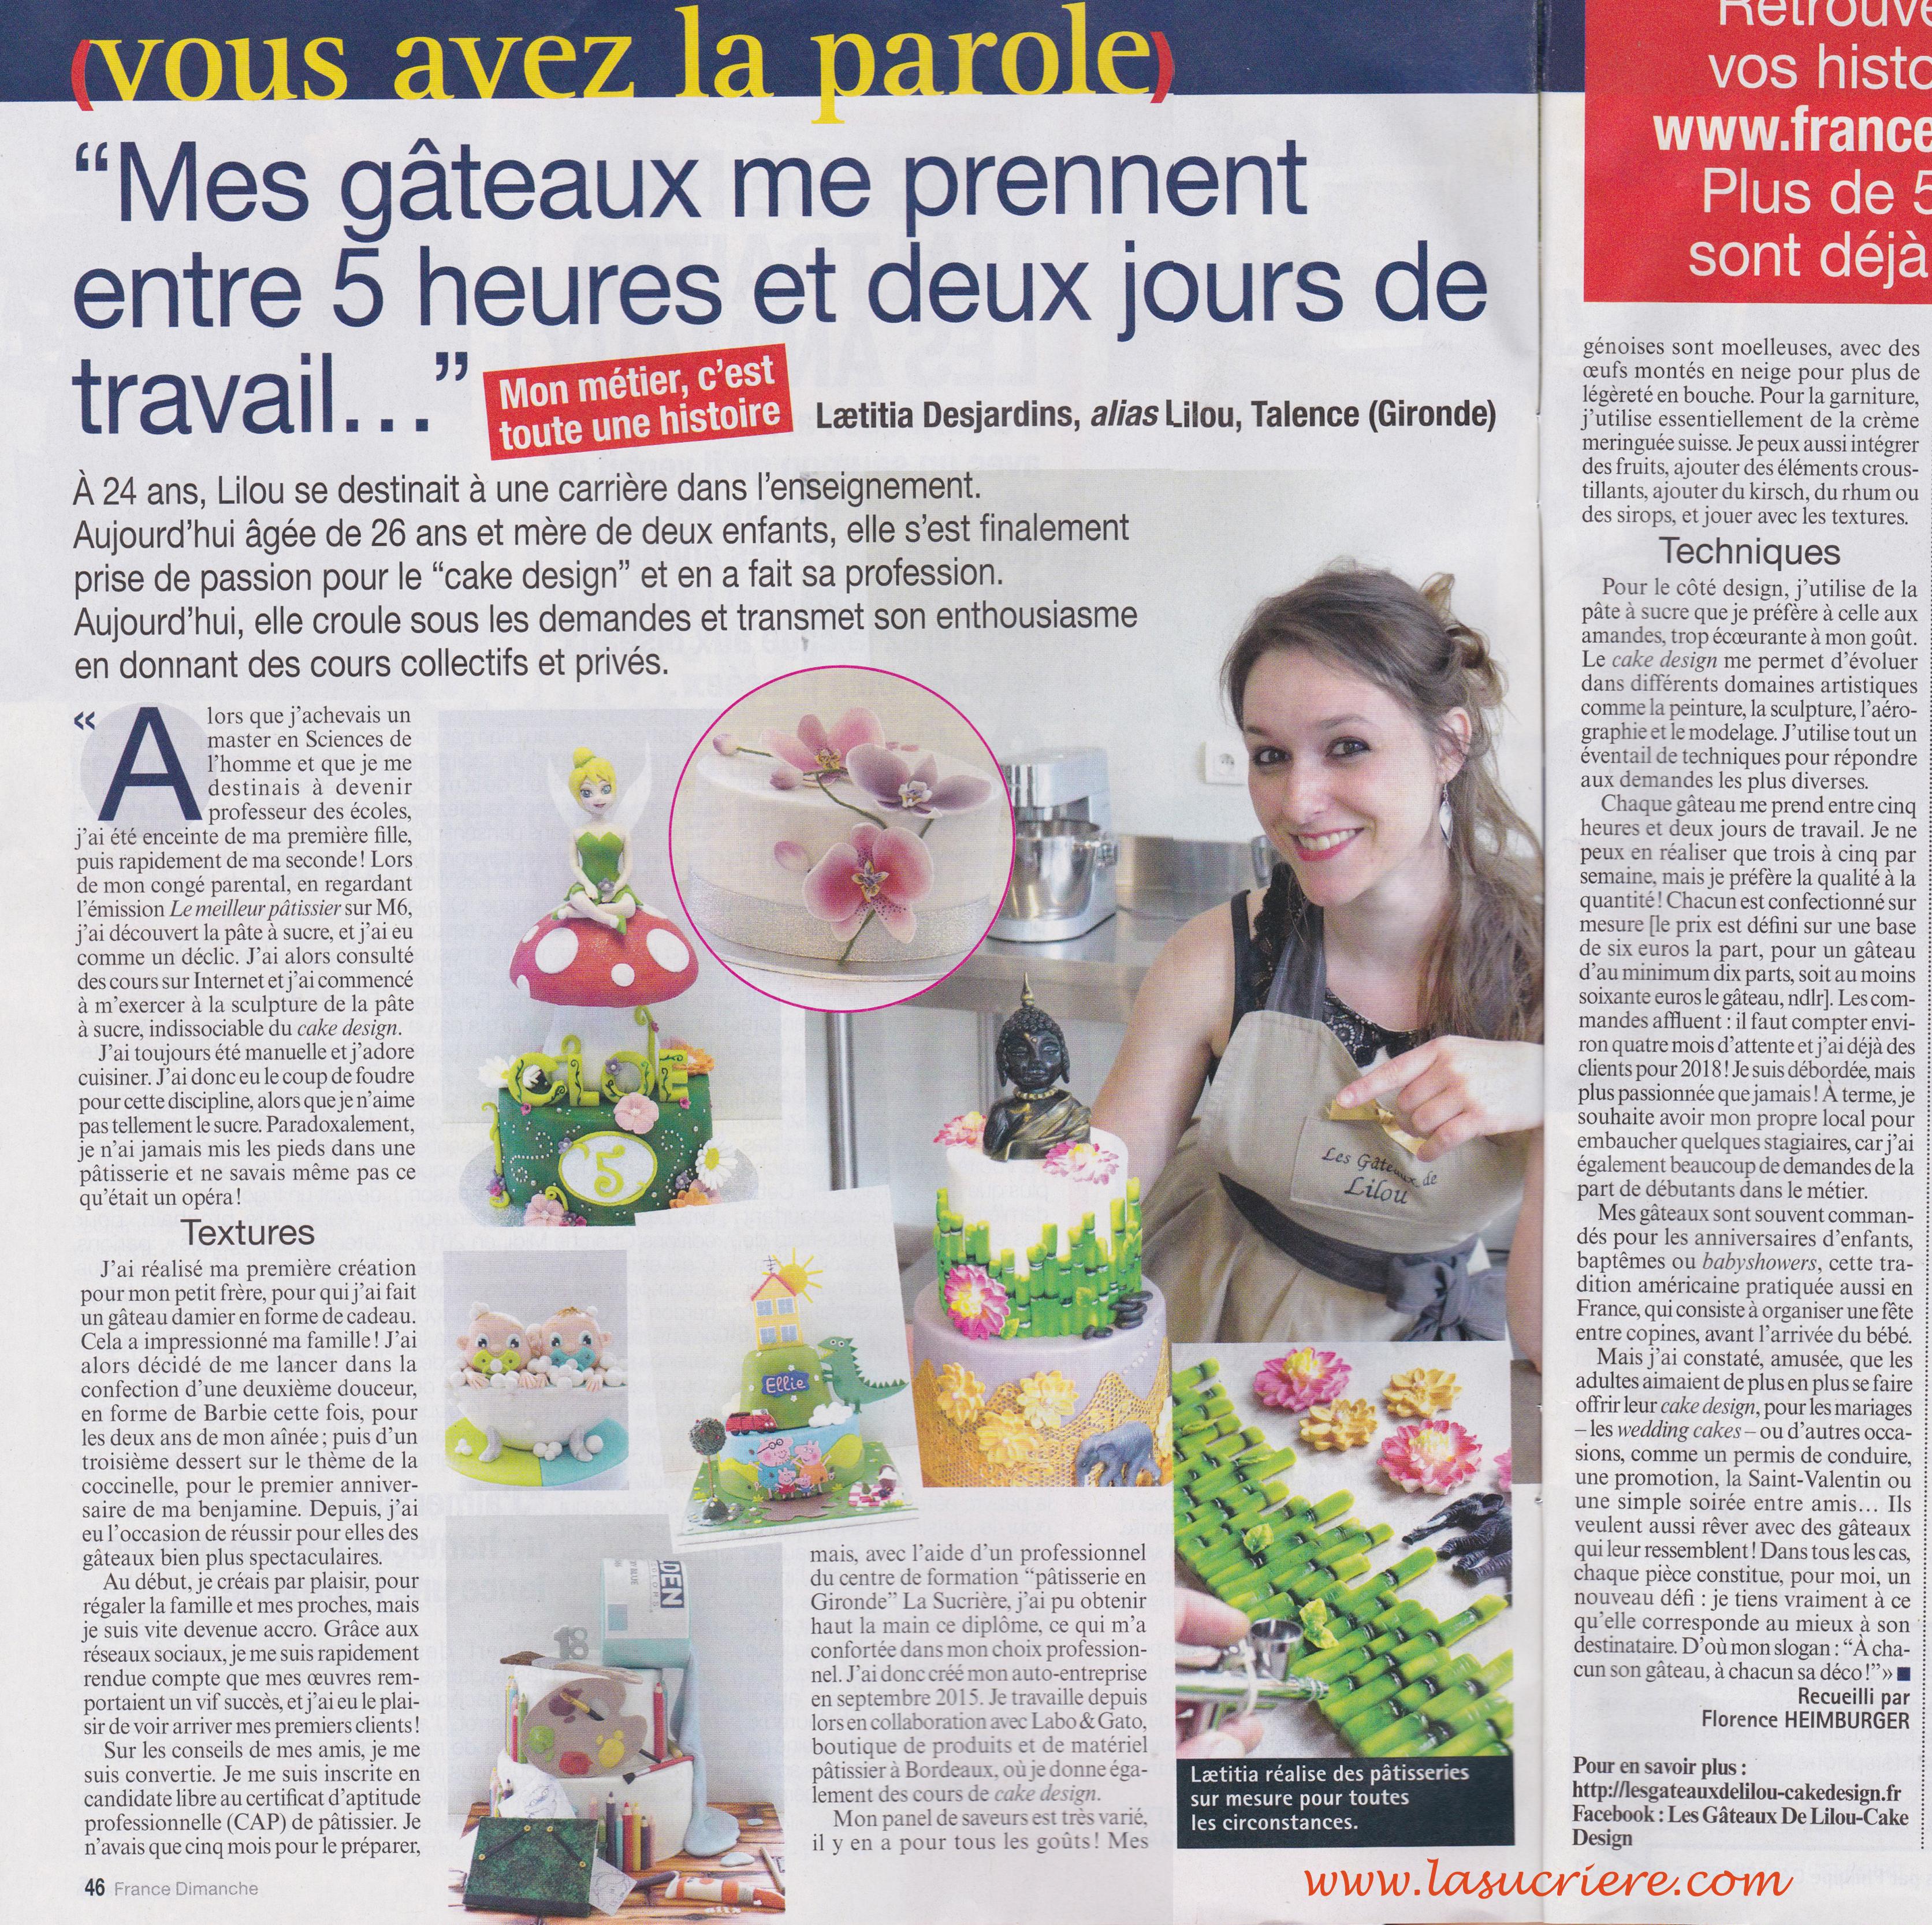 A découvrir dans votre magazine France Dimanche